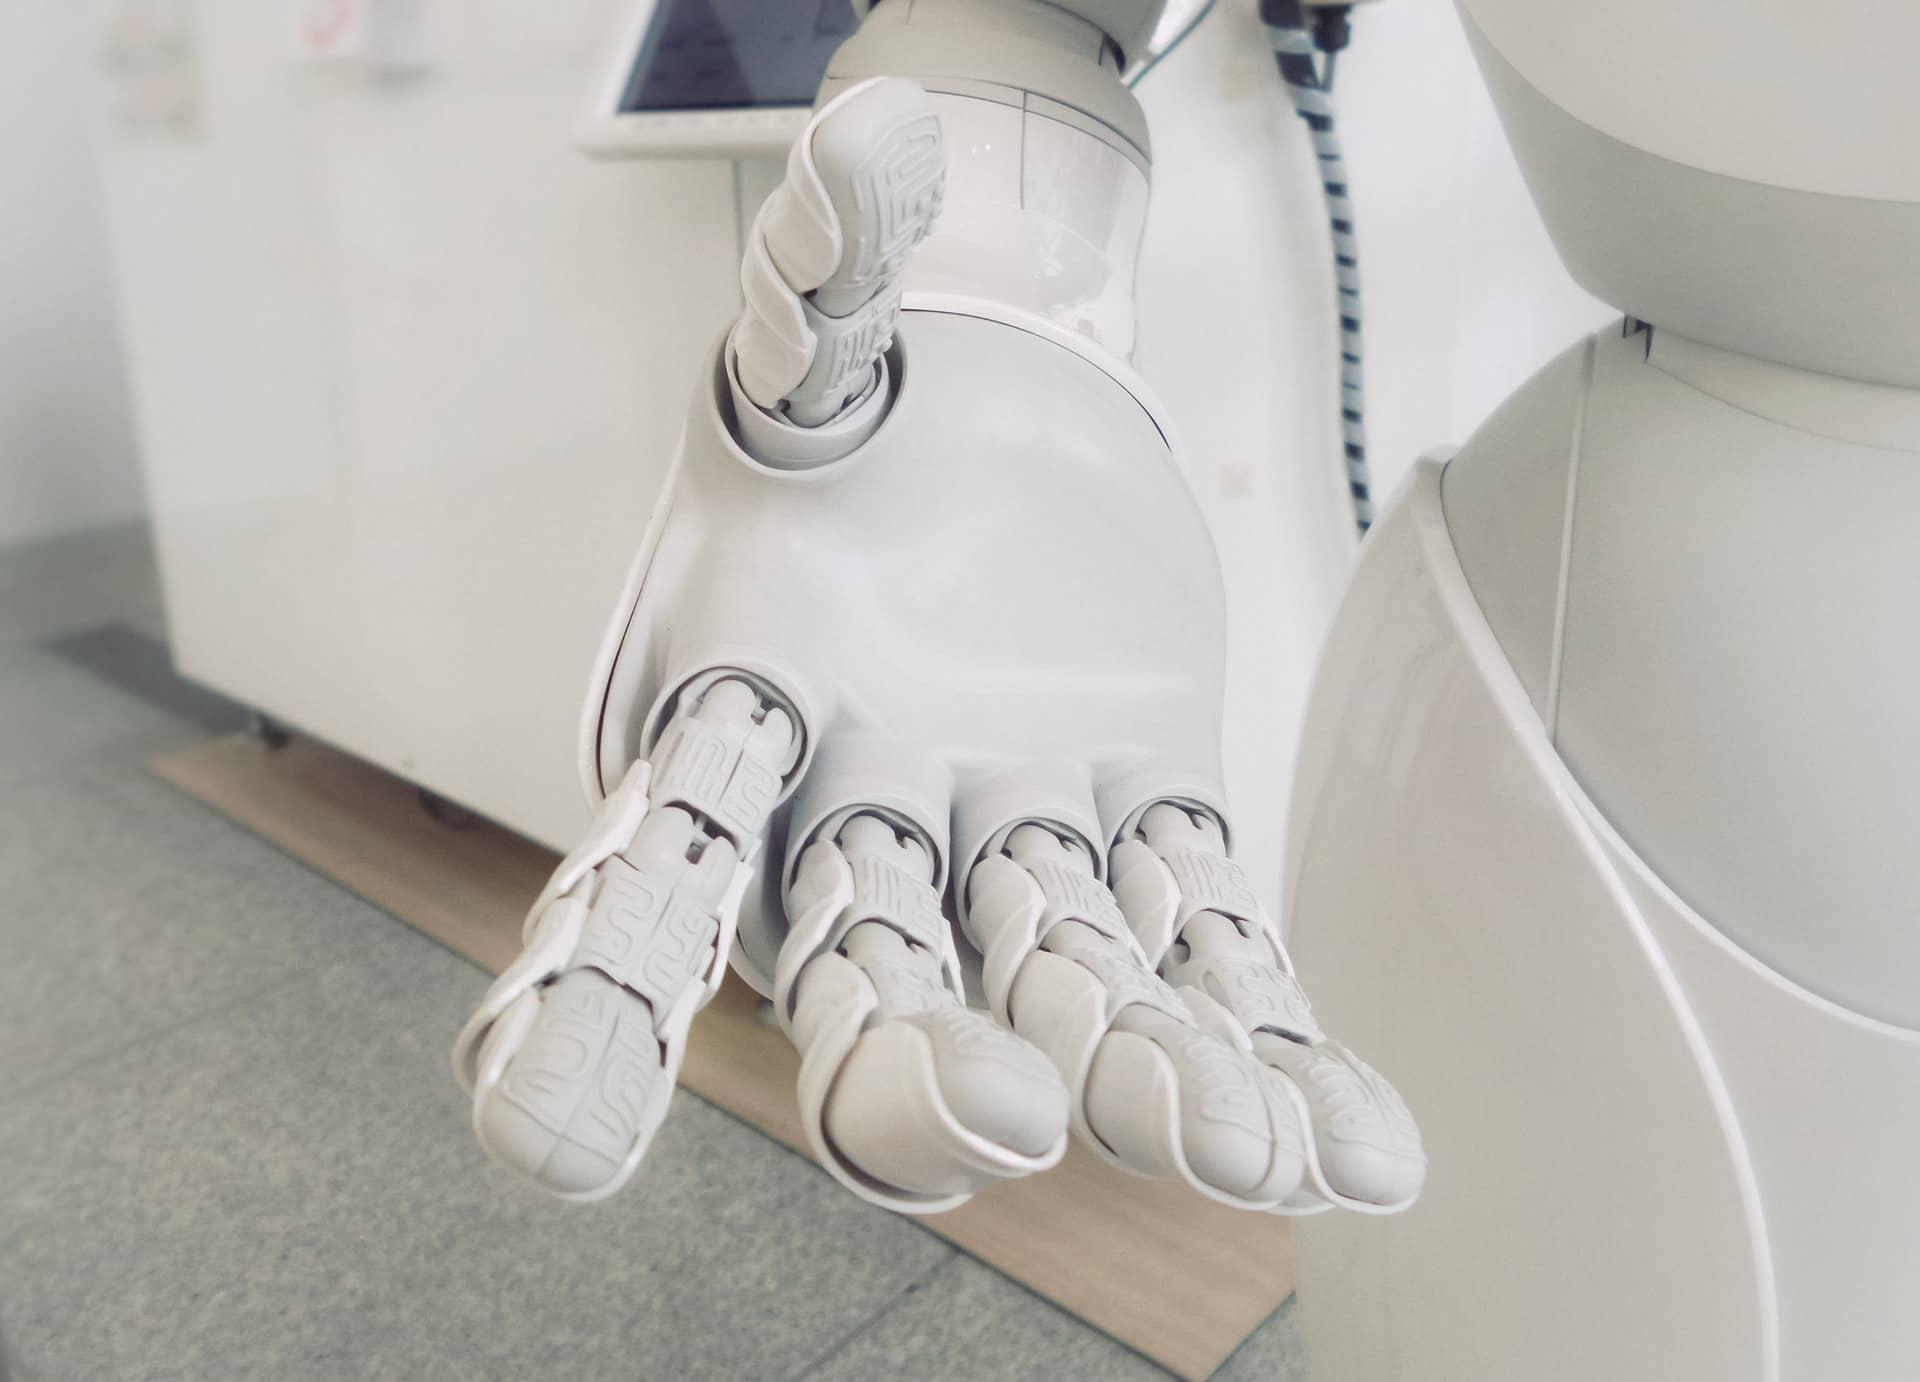 Robot IA Blockchain Unsplash